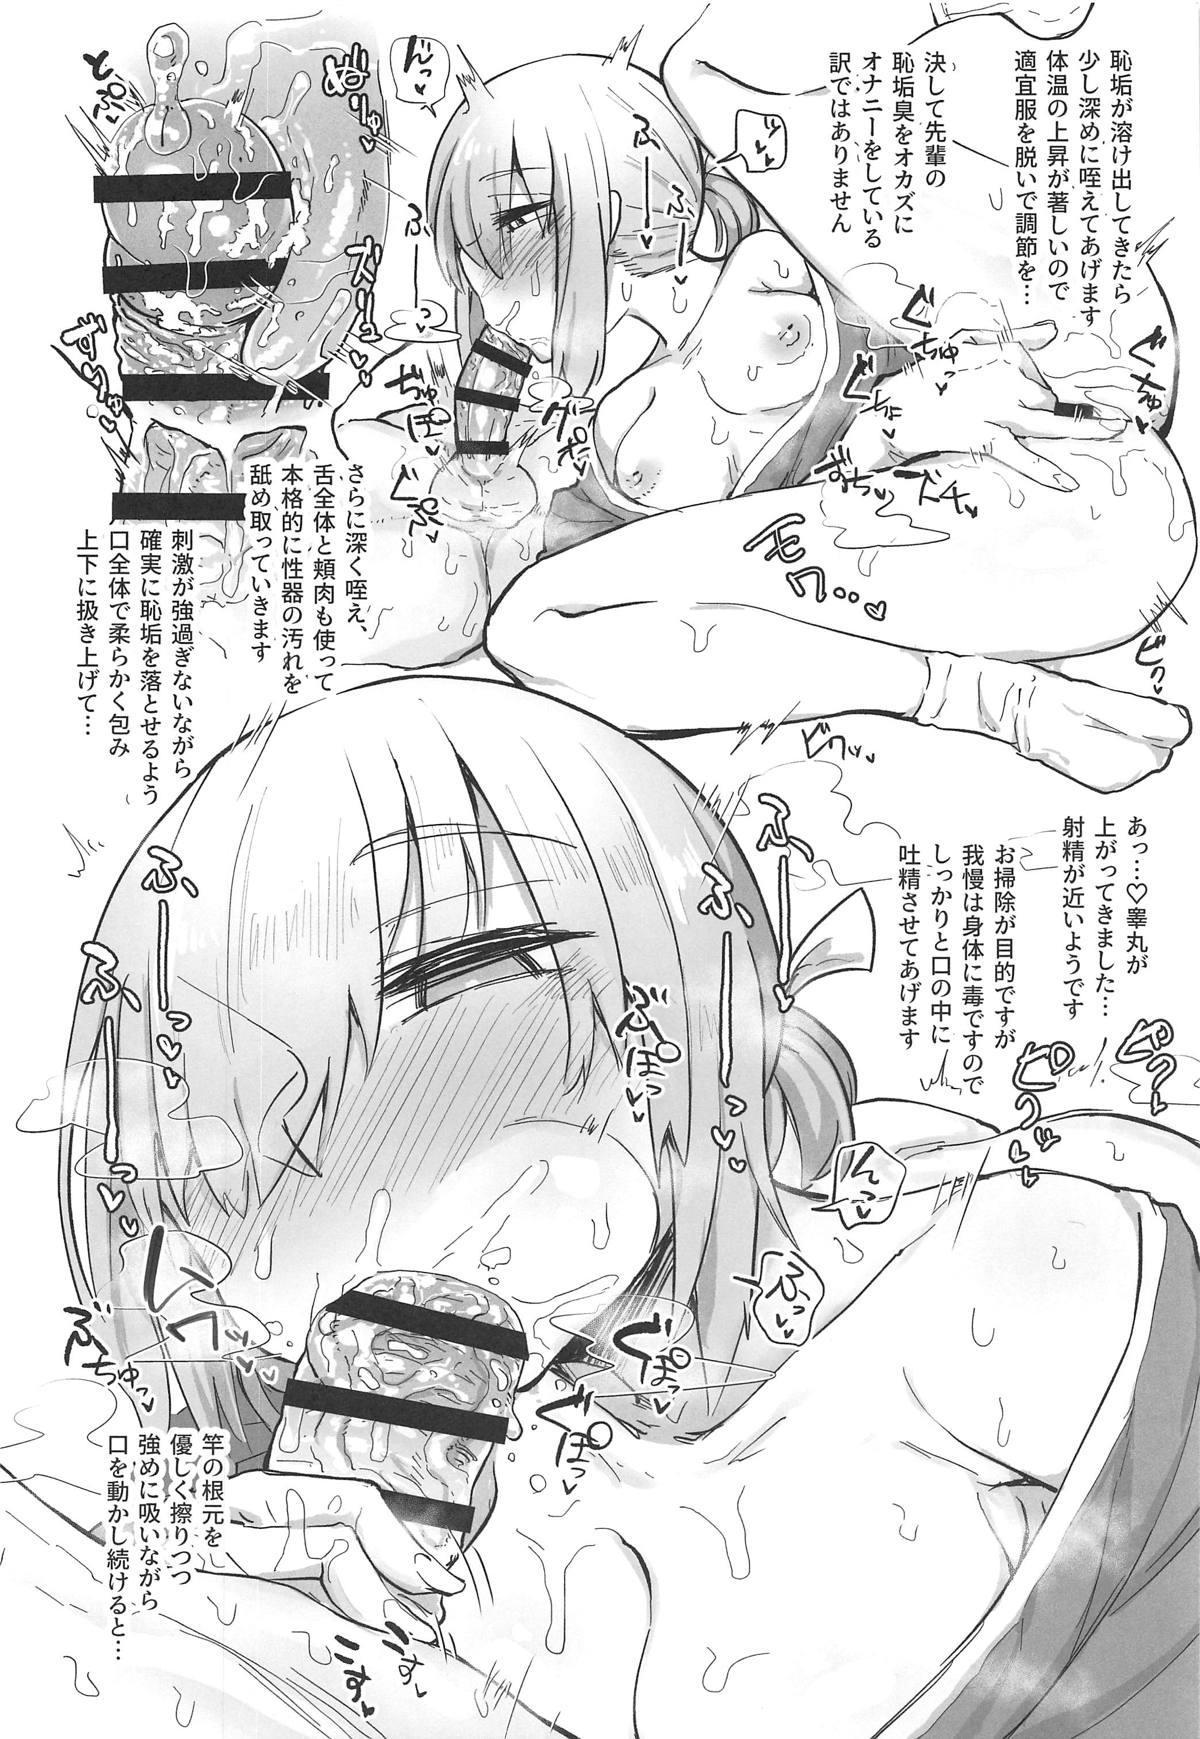 Chaldea Seikou Nisshi Kuro Hen & Mash Hen 14